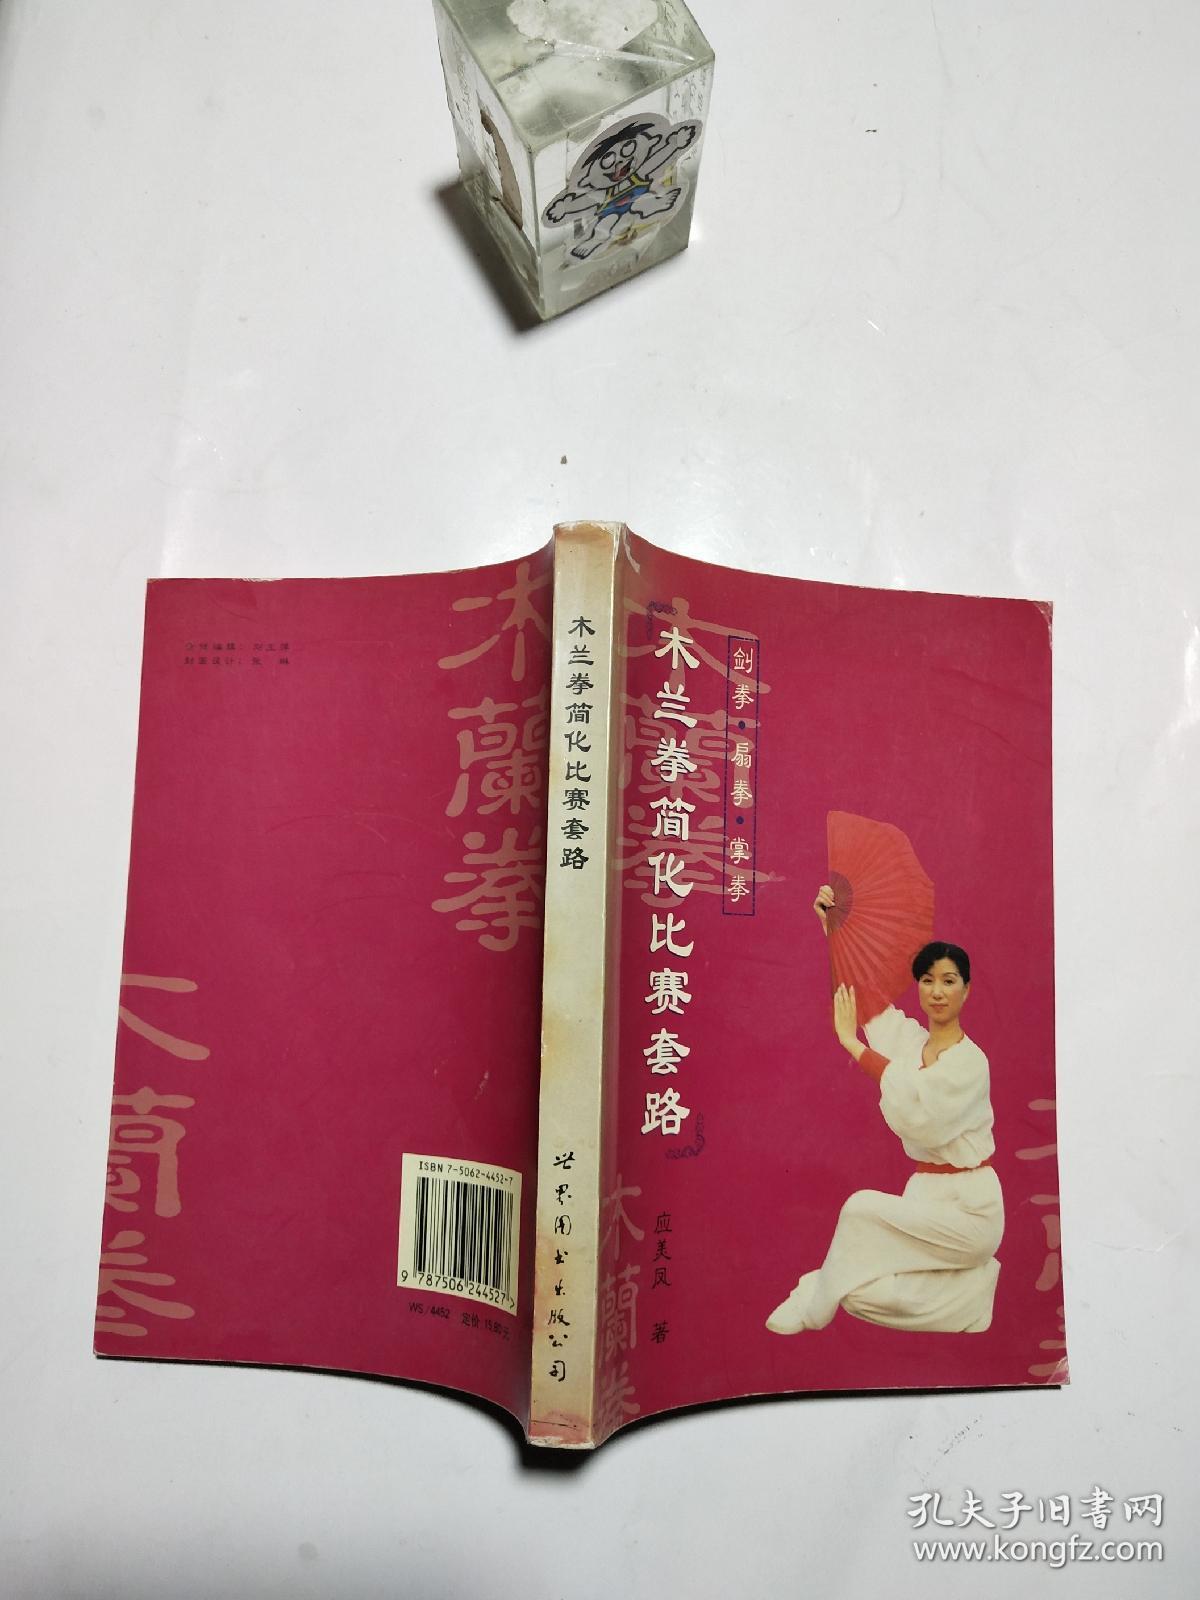 木兰拳简化v台球台球哈尔滨星牌套路图片